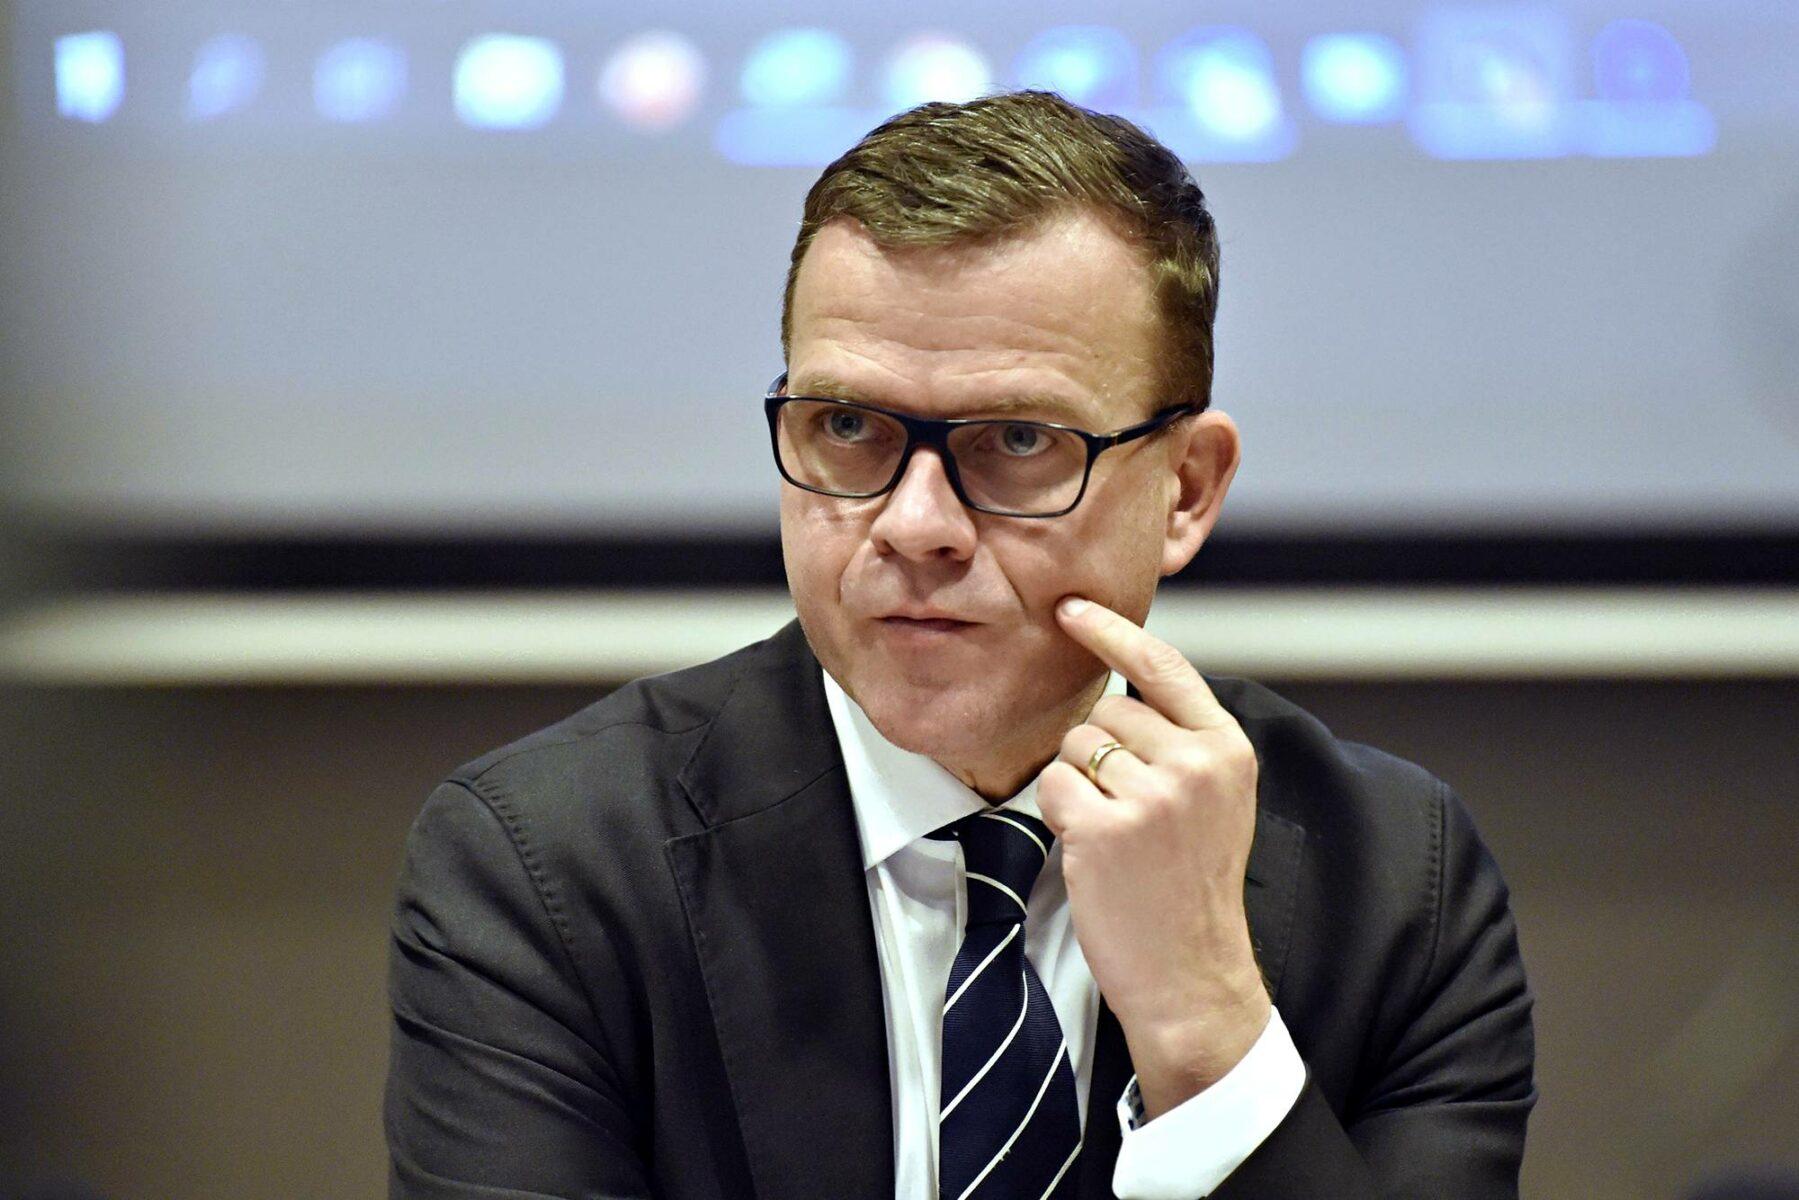 """Puheenjohtaja Petteri Orpon mukaan kokoomus ei halua ajaa Eurooppaa """"kaaoksen tilaan""""."""